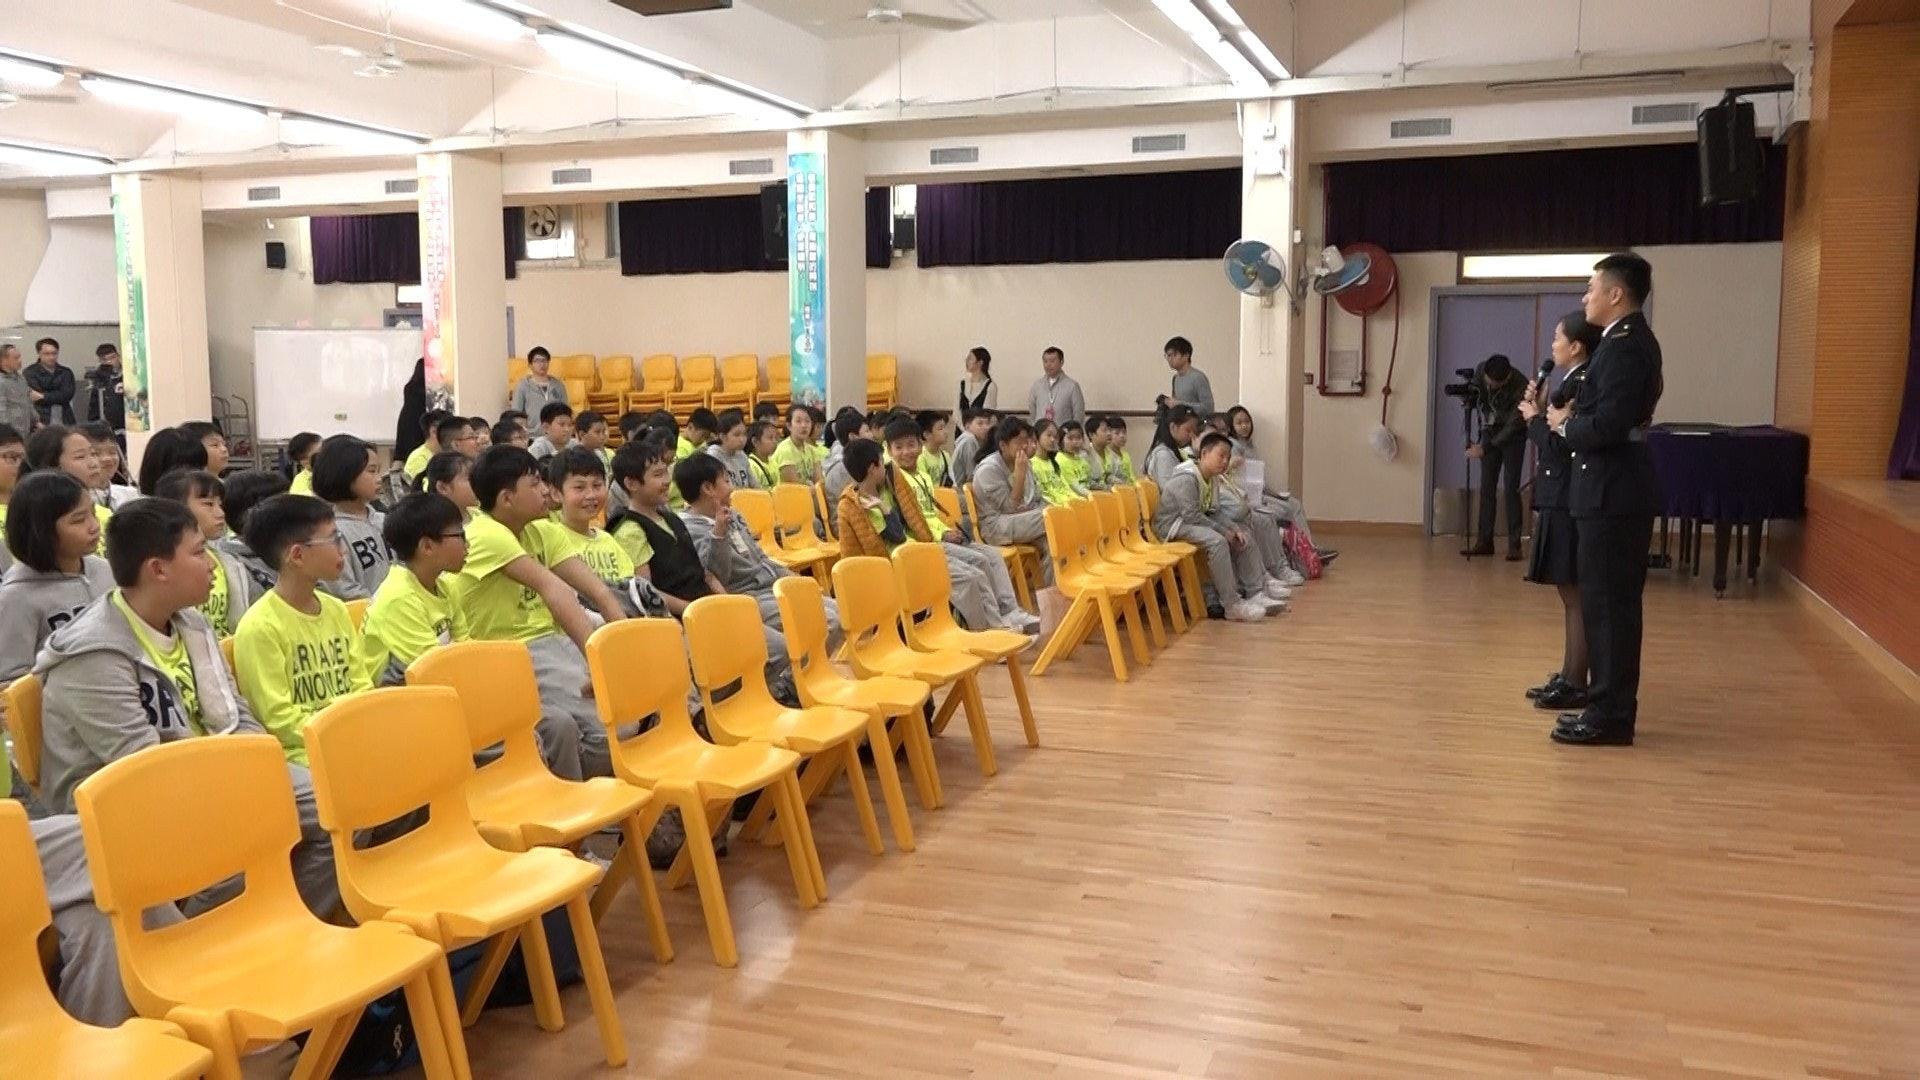 浸信會天虹小學聯同懲教署於1月8日舉辦「信有明天」活動。(譚威權攝)